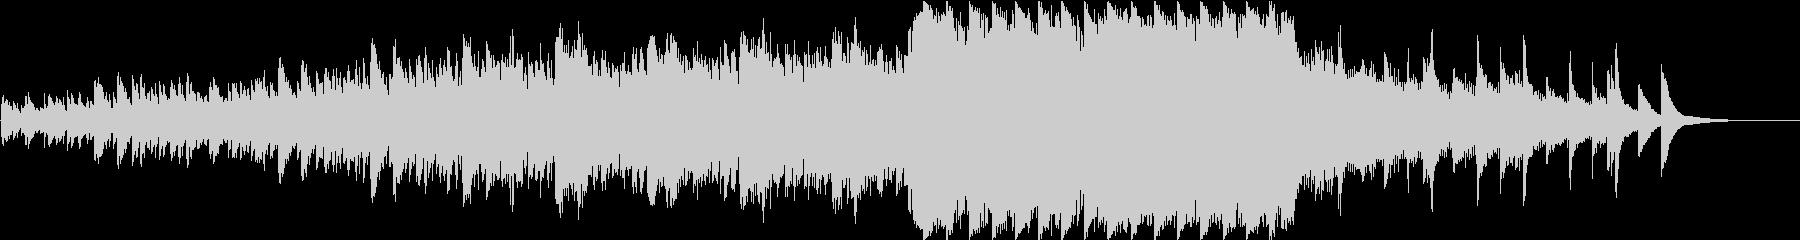 オーロラをイメージした幻想的なピアノ曲の未再生の波形